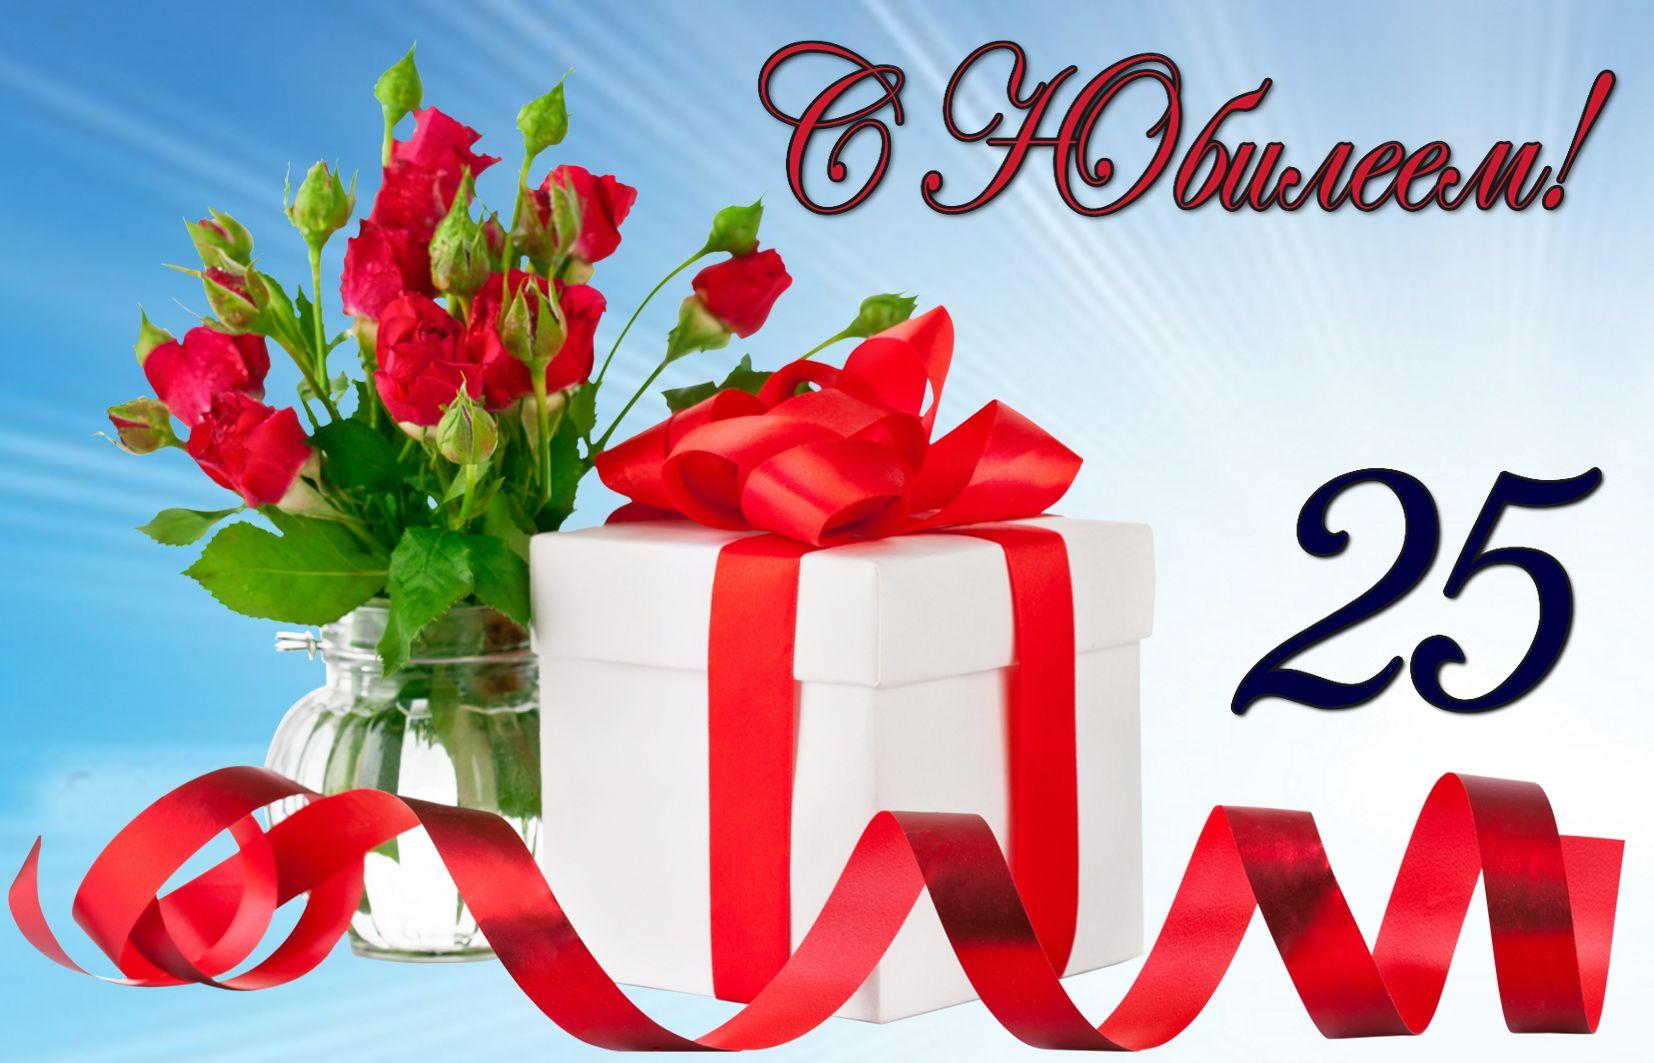 Открытка на 25 лет - подарок и цветы с лентой к юбилею